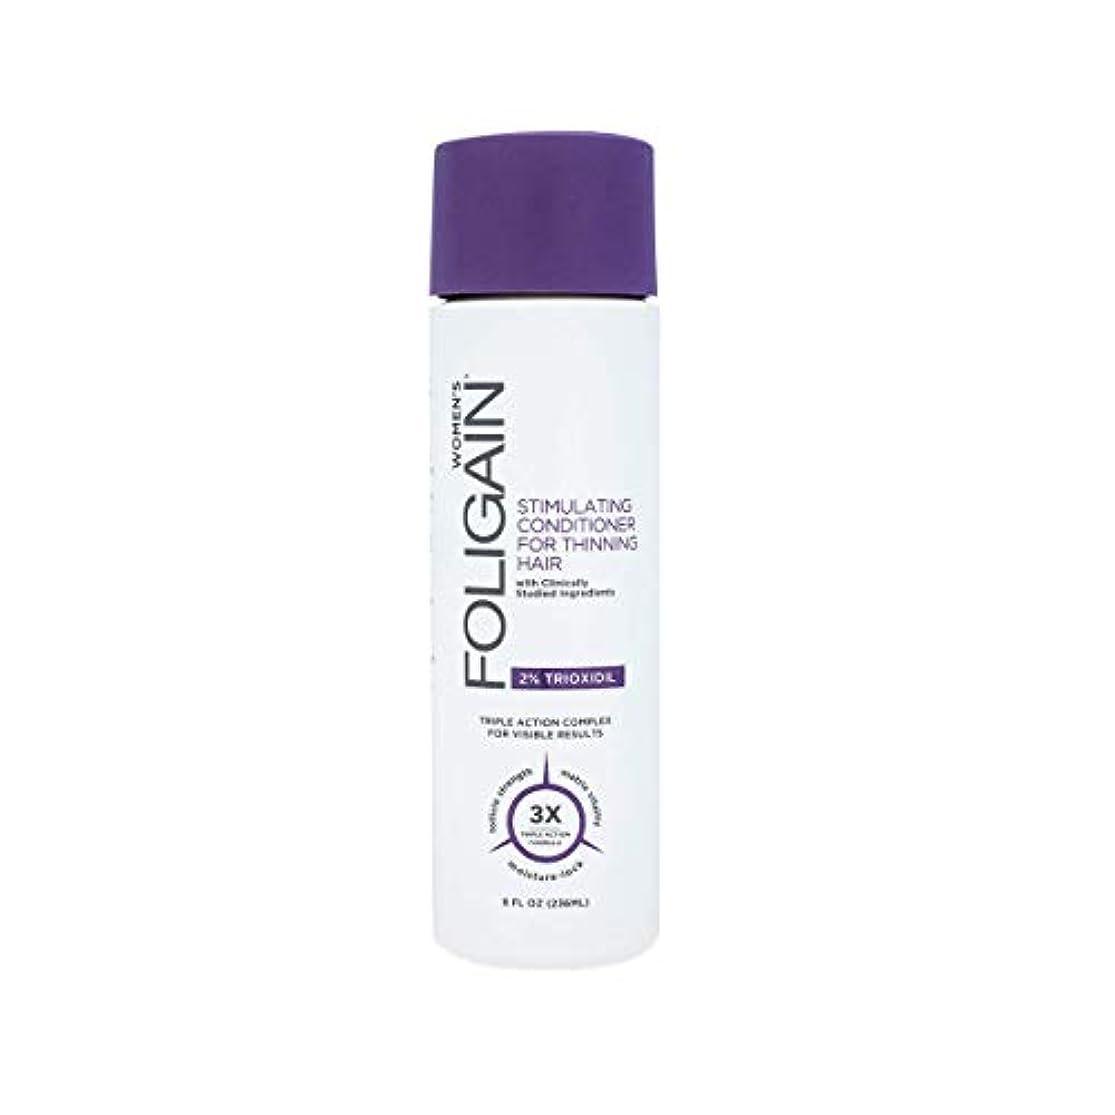 追加する迷惑フォリゲイン2%トリオキシジルシンニングヘアコンディショナー236ml / 8オンス